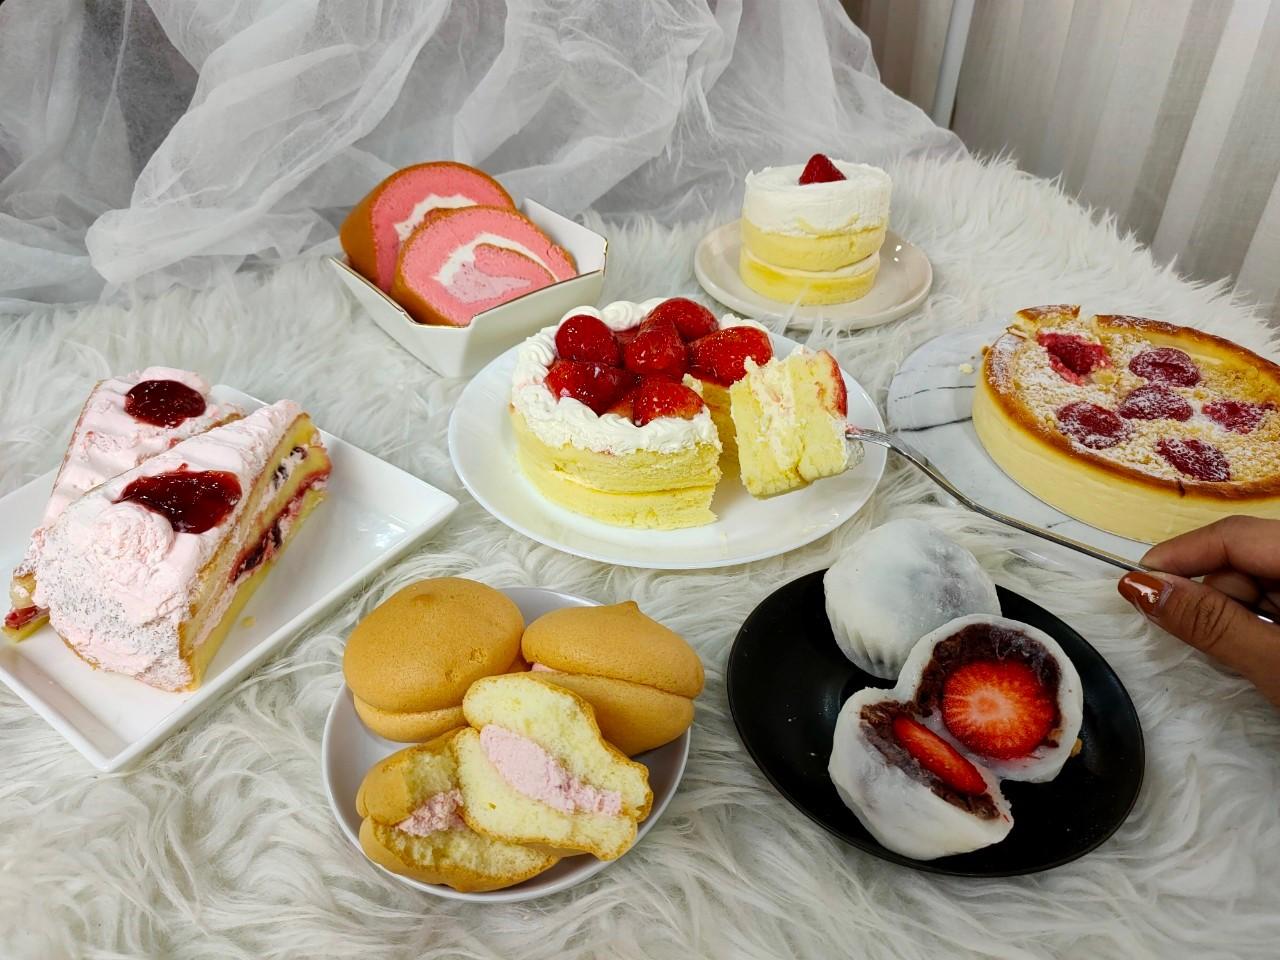 皮卡堂草莓蛋糕床_全聯草莓大量發生中!鬆軟卡士達蛋糕不能錯過,草莓季讓空氣 ...